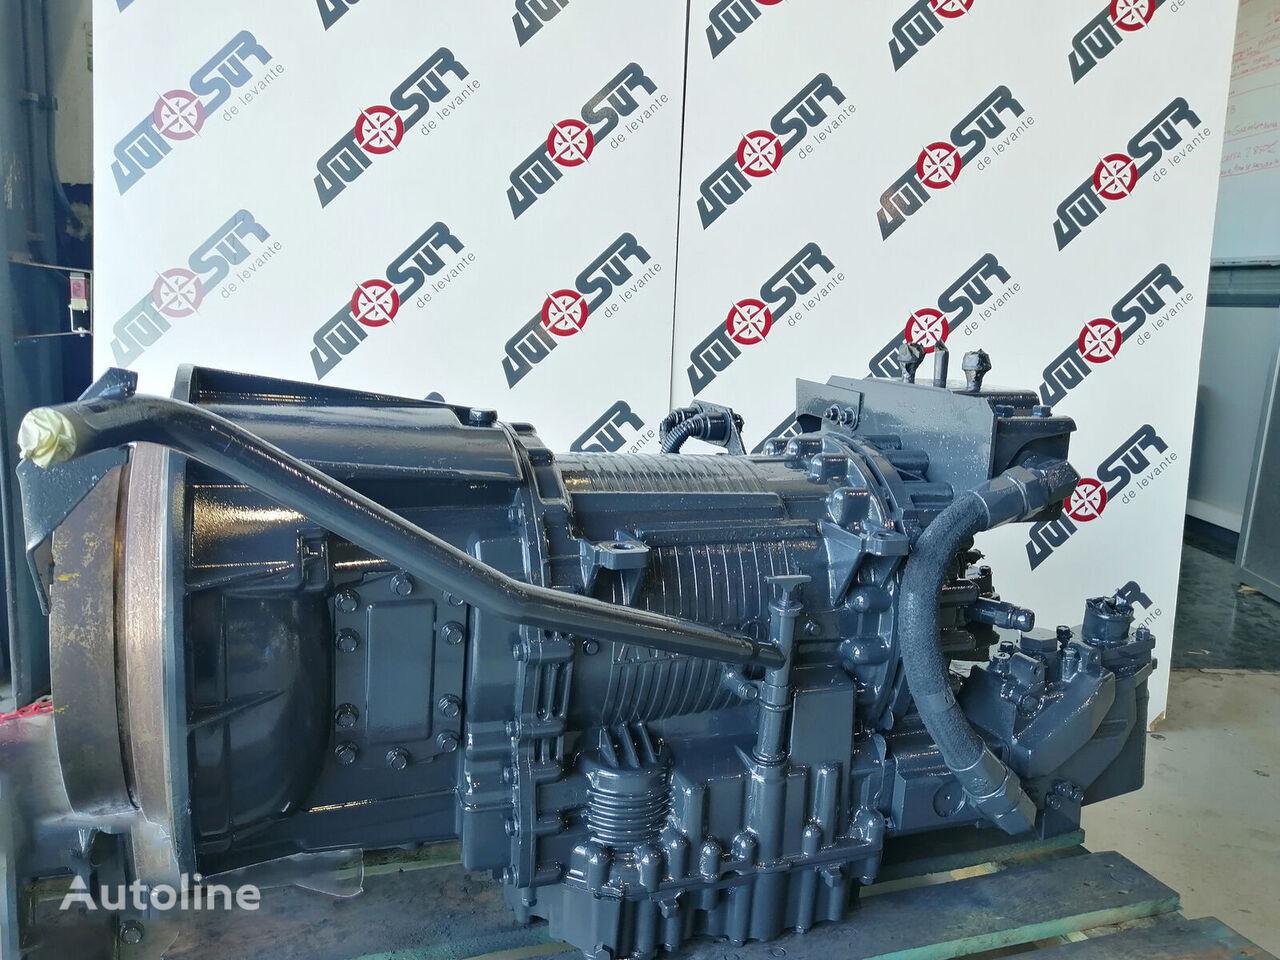 КПП Allison A6520152355-9005 (6520 152355) для грузовика